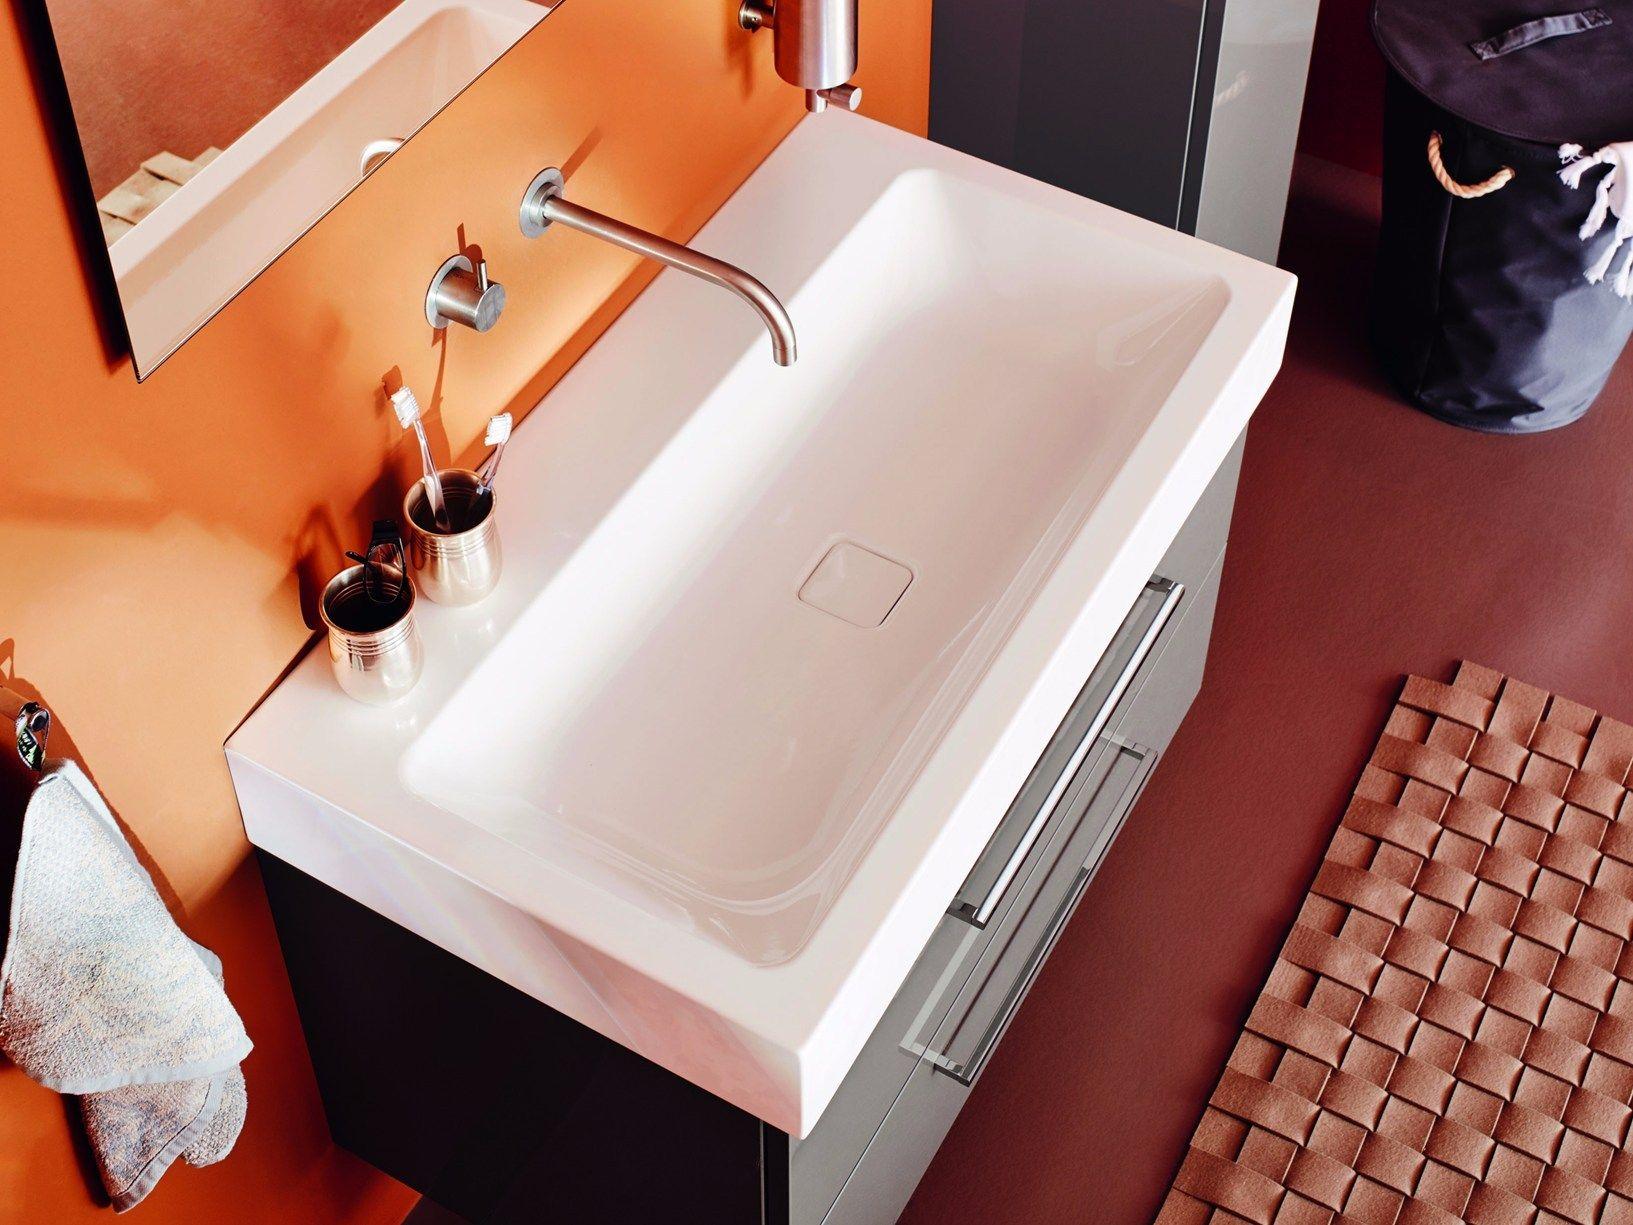 Soluzioni low budget per l arredo bagno - Cibi per andare in bagno ...